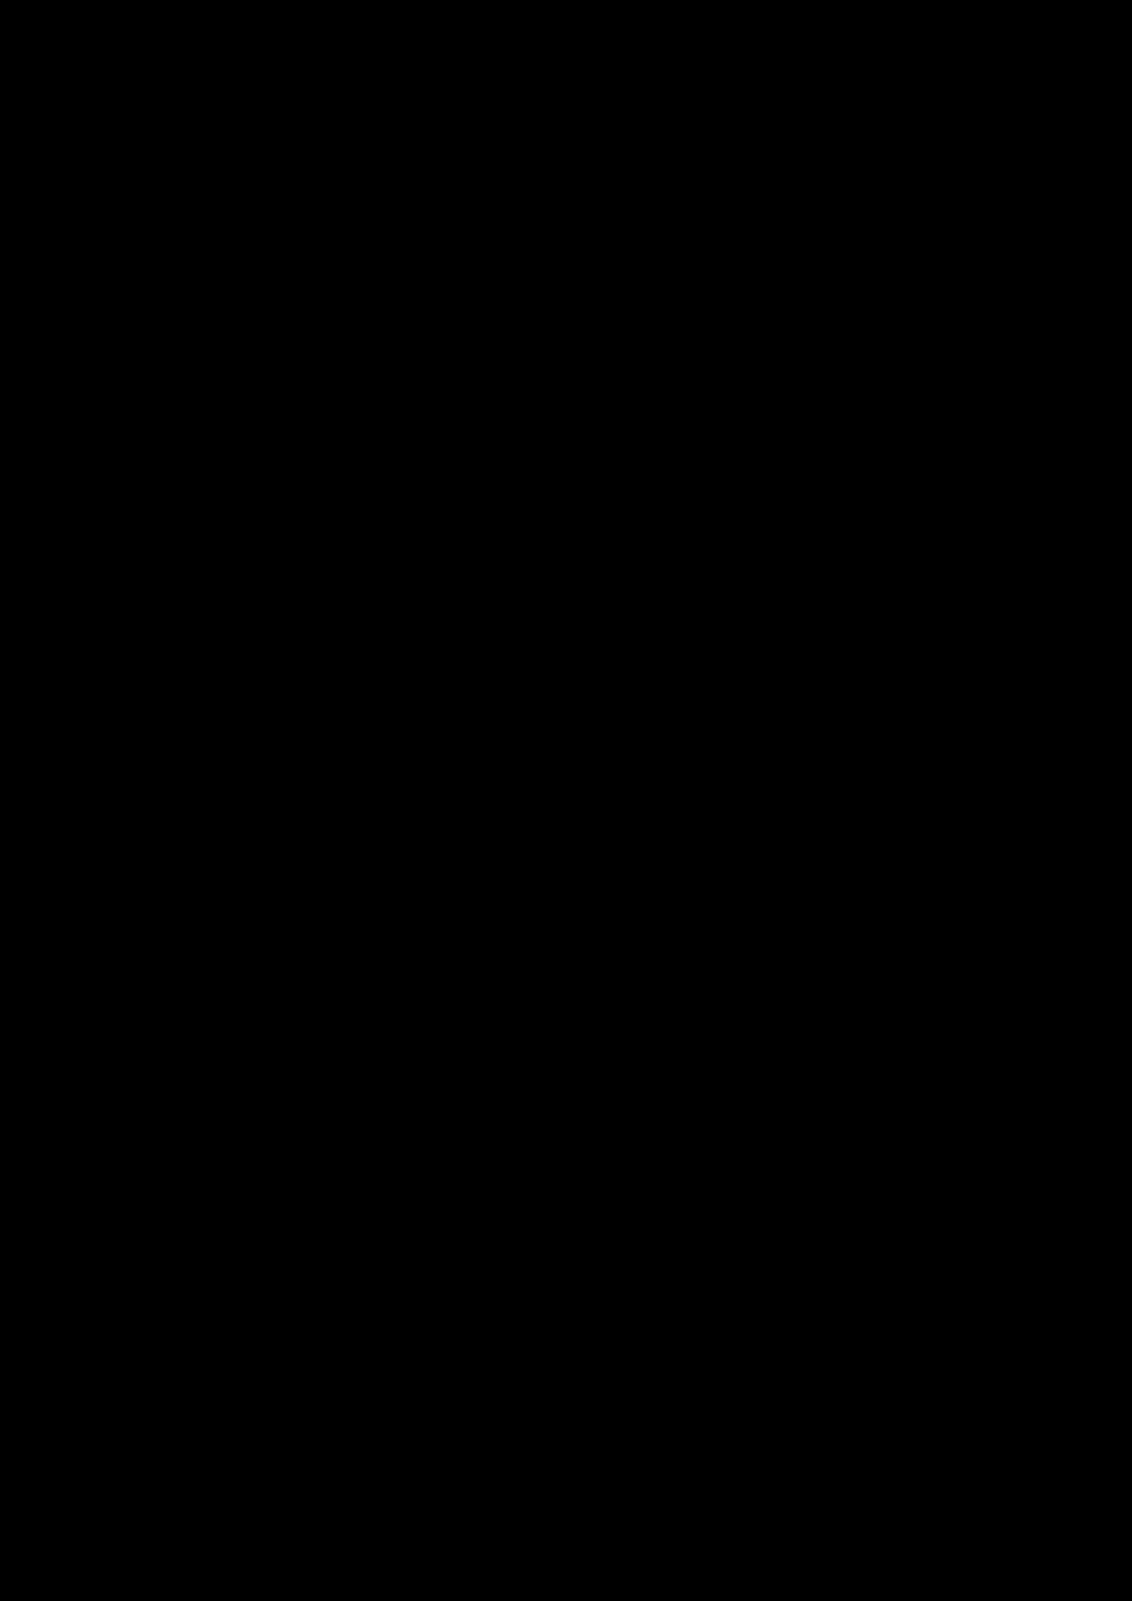 Pohod slide, Image 1